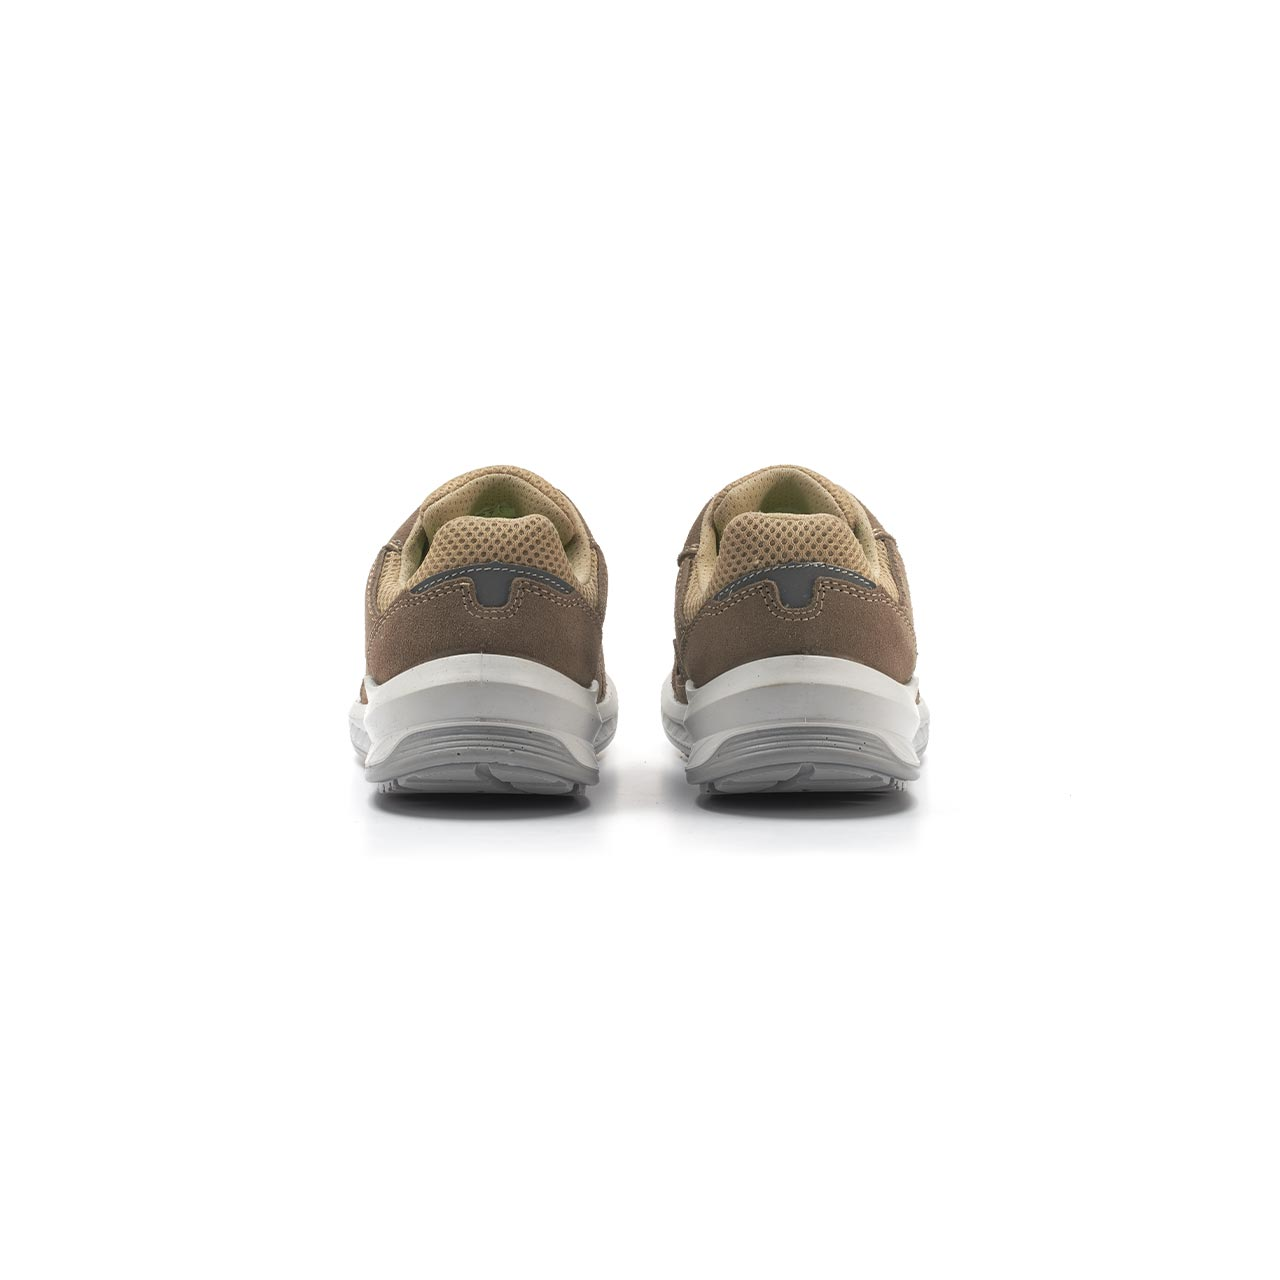 paio di scarpe antinfortunistiche upower modello aerator linea redindustry vista retro